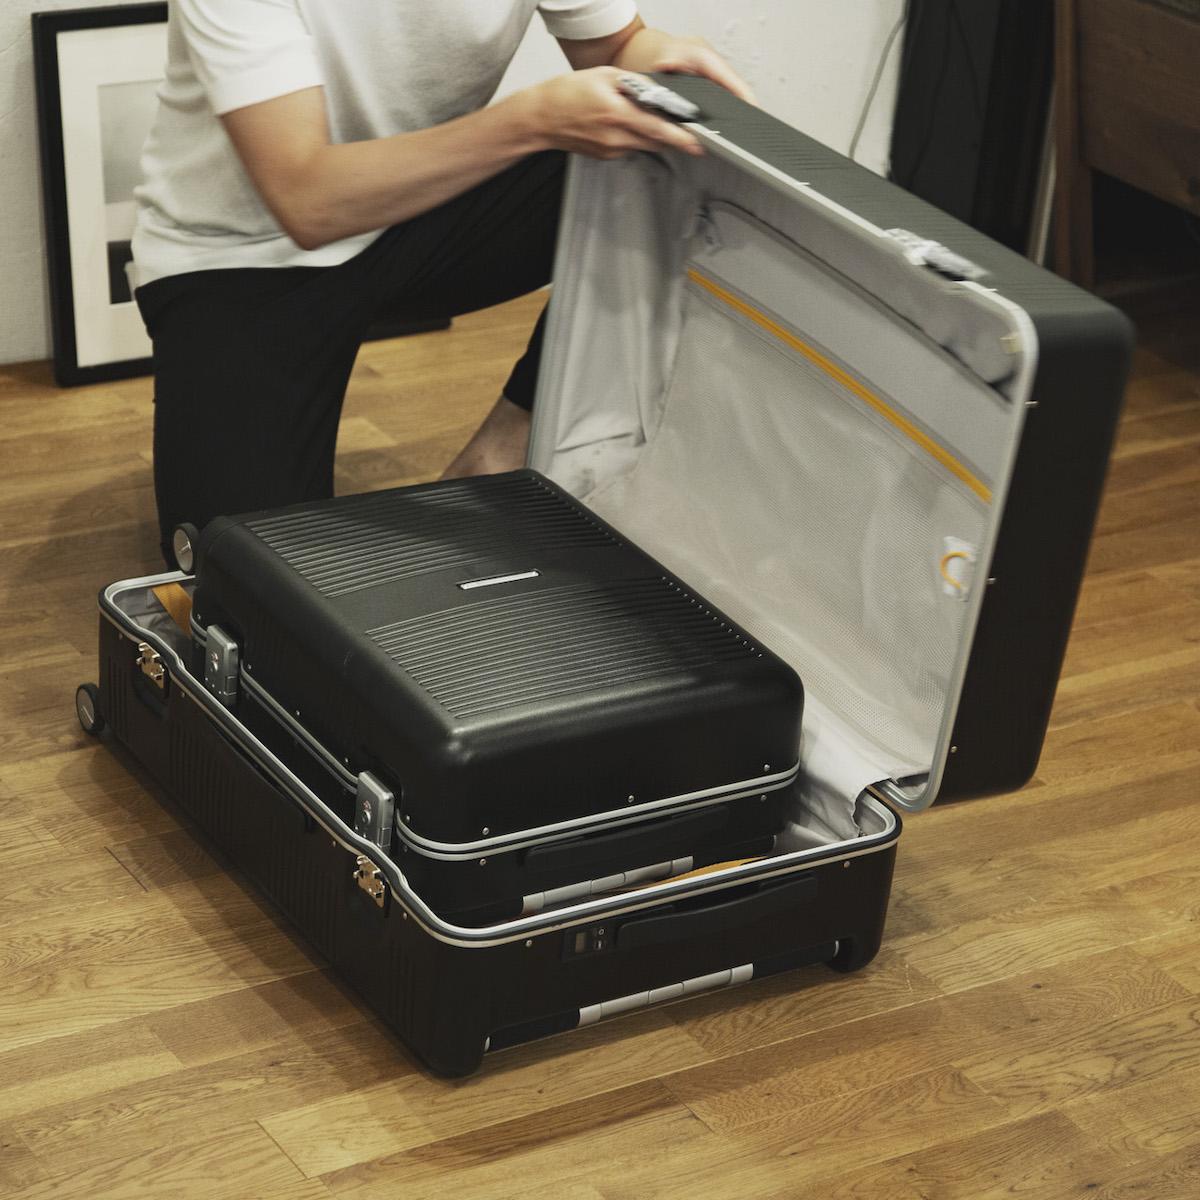 R TRUNKの「37Lサイズ」を入れ子収納もできるので、一台分のスペースしか取らずクローゼットの中もスッキリのスーツケース(88L・7泊〜)|RAWROW